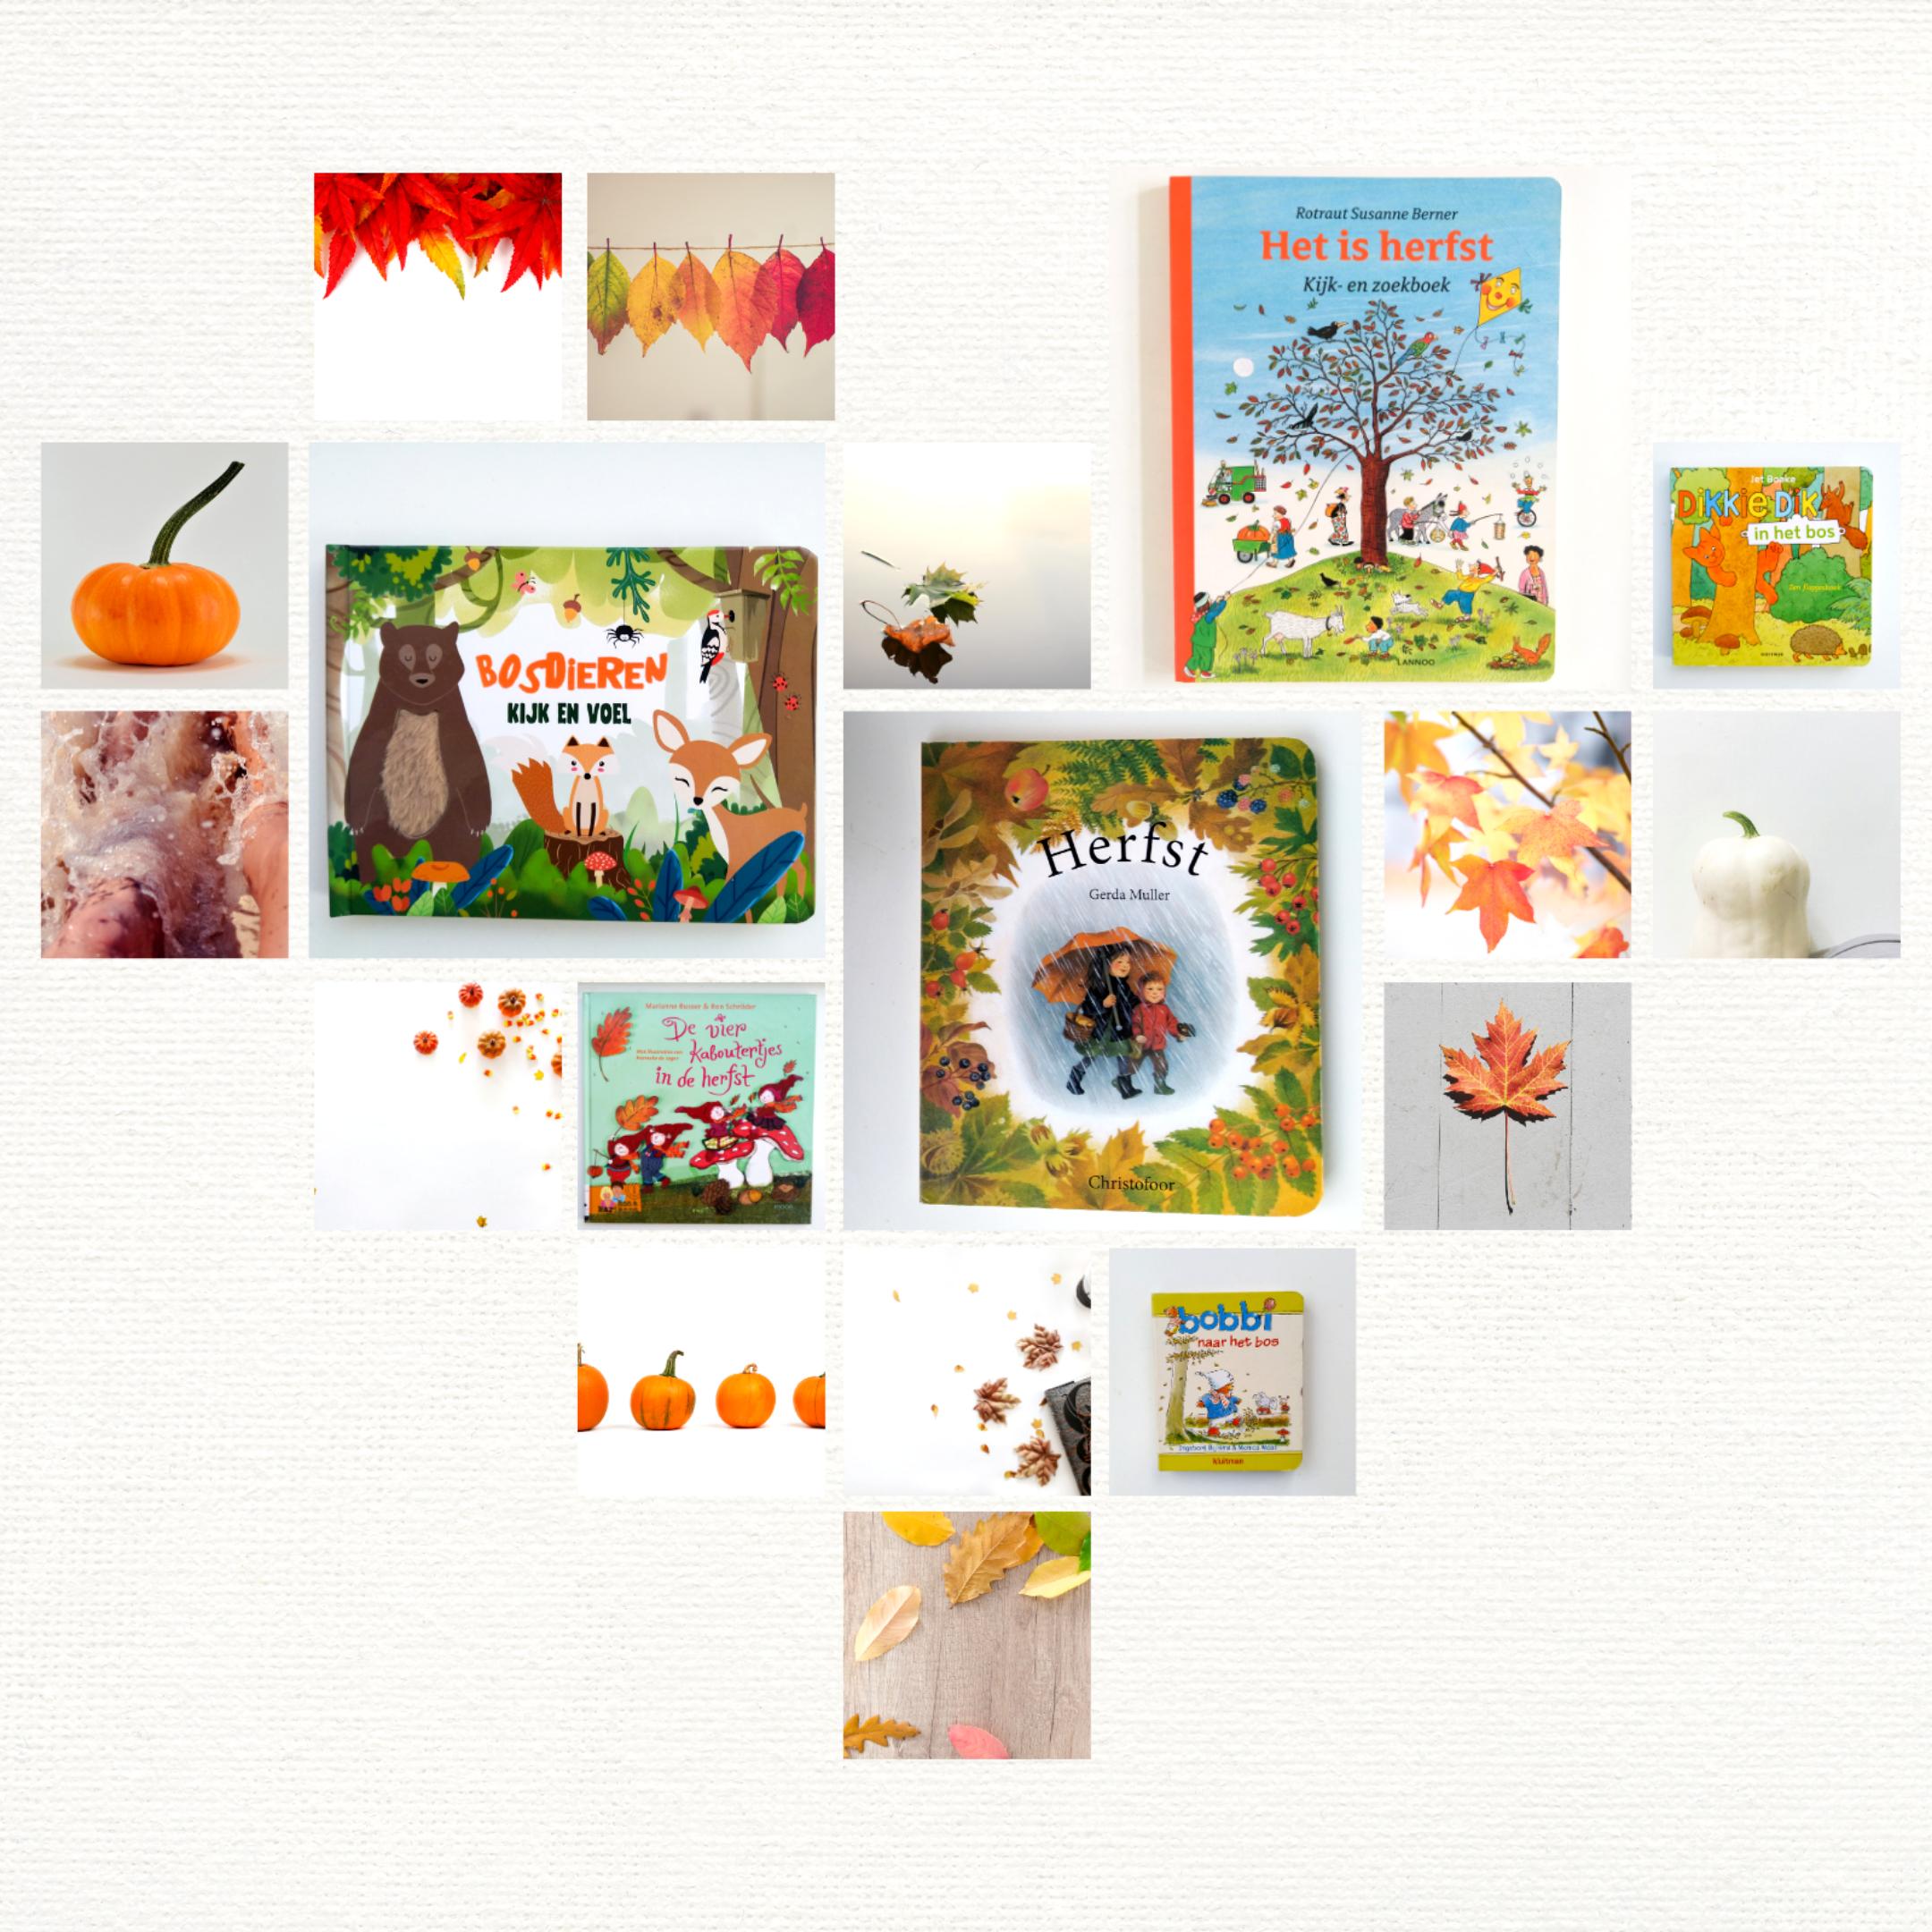 Bijzondere kinderboeken voor tijdens de herfst (0 – 3 jaar)